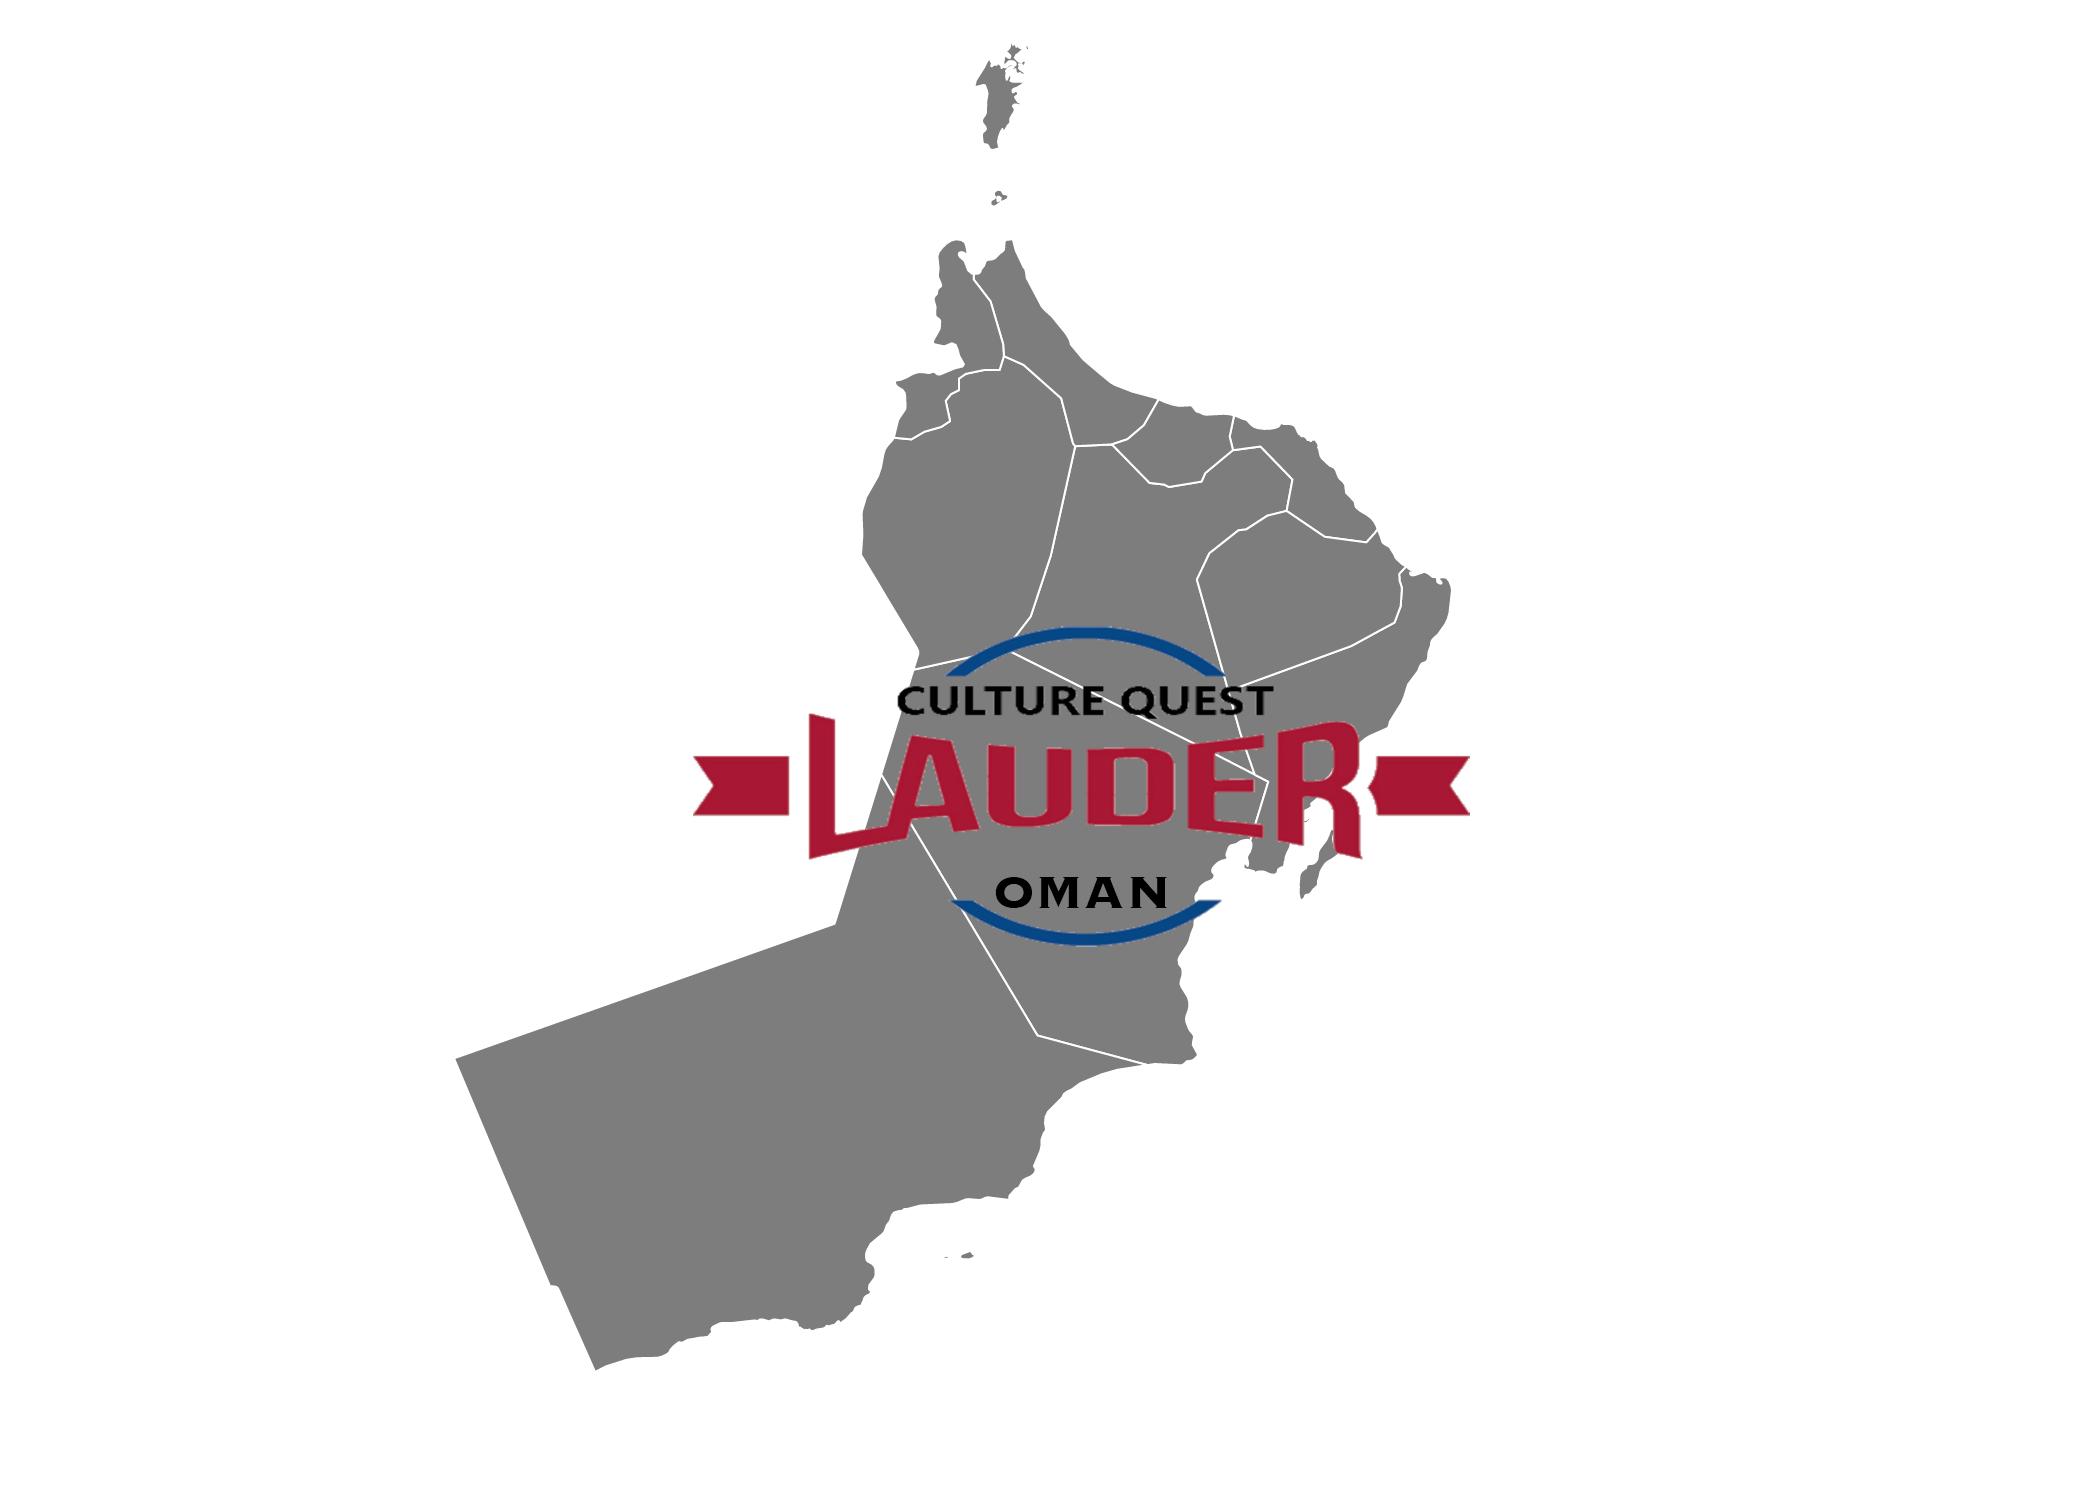 Lauder Culture Quest 2020